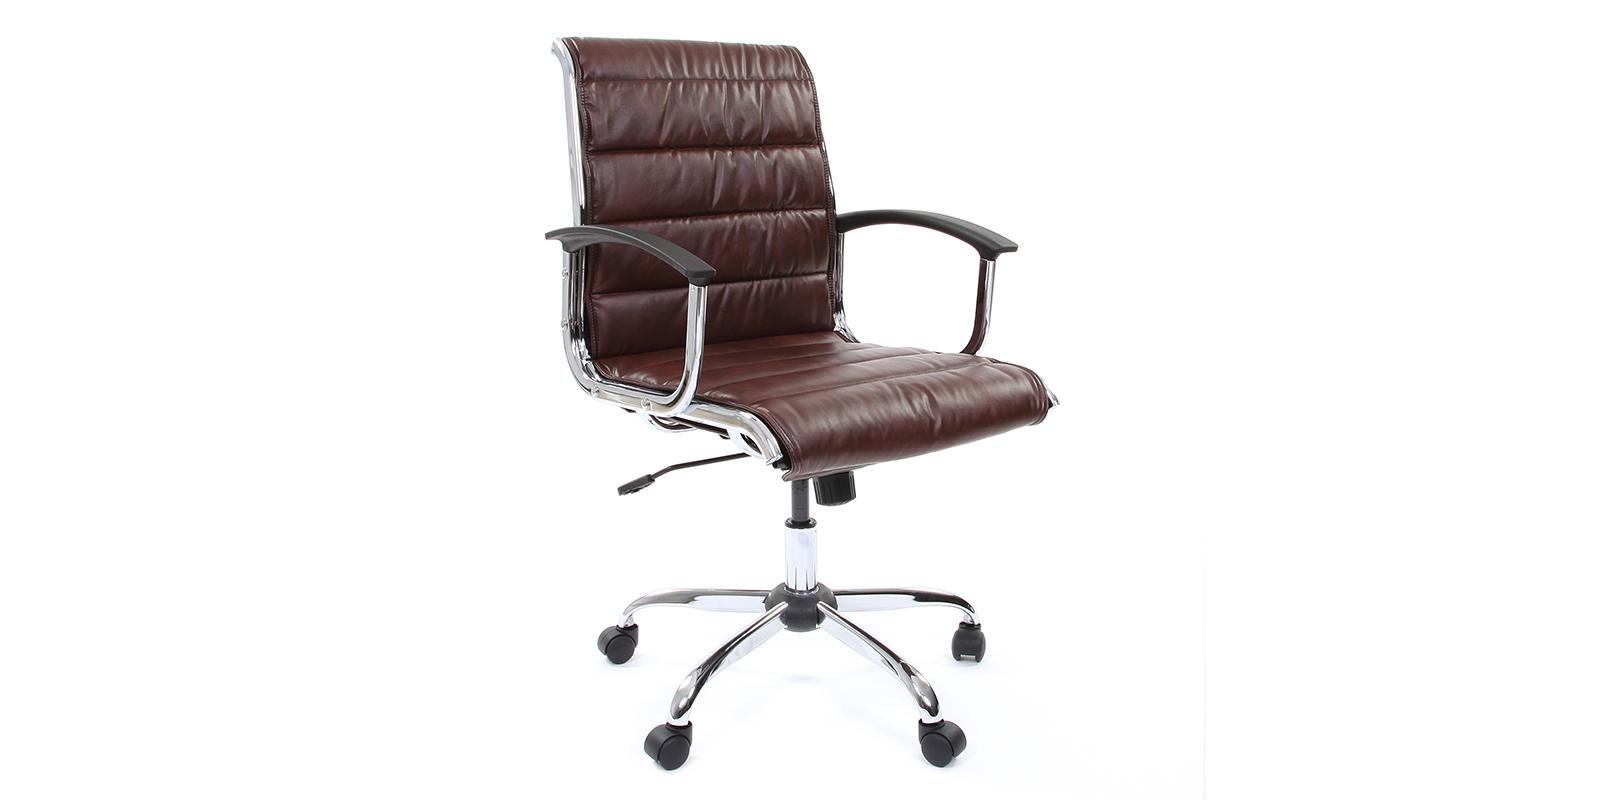 Кресло для руководителя Chairman 760 вариант № 2 (коричневый)